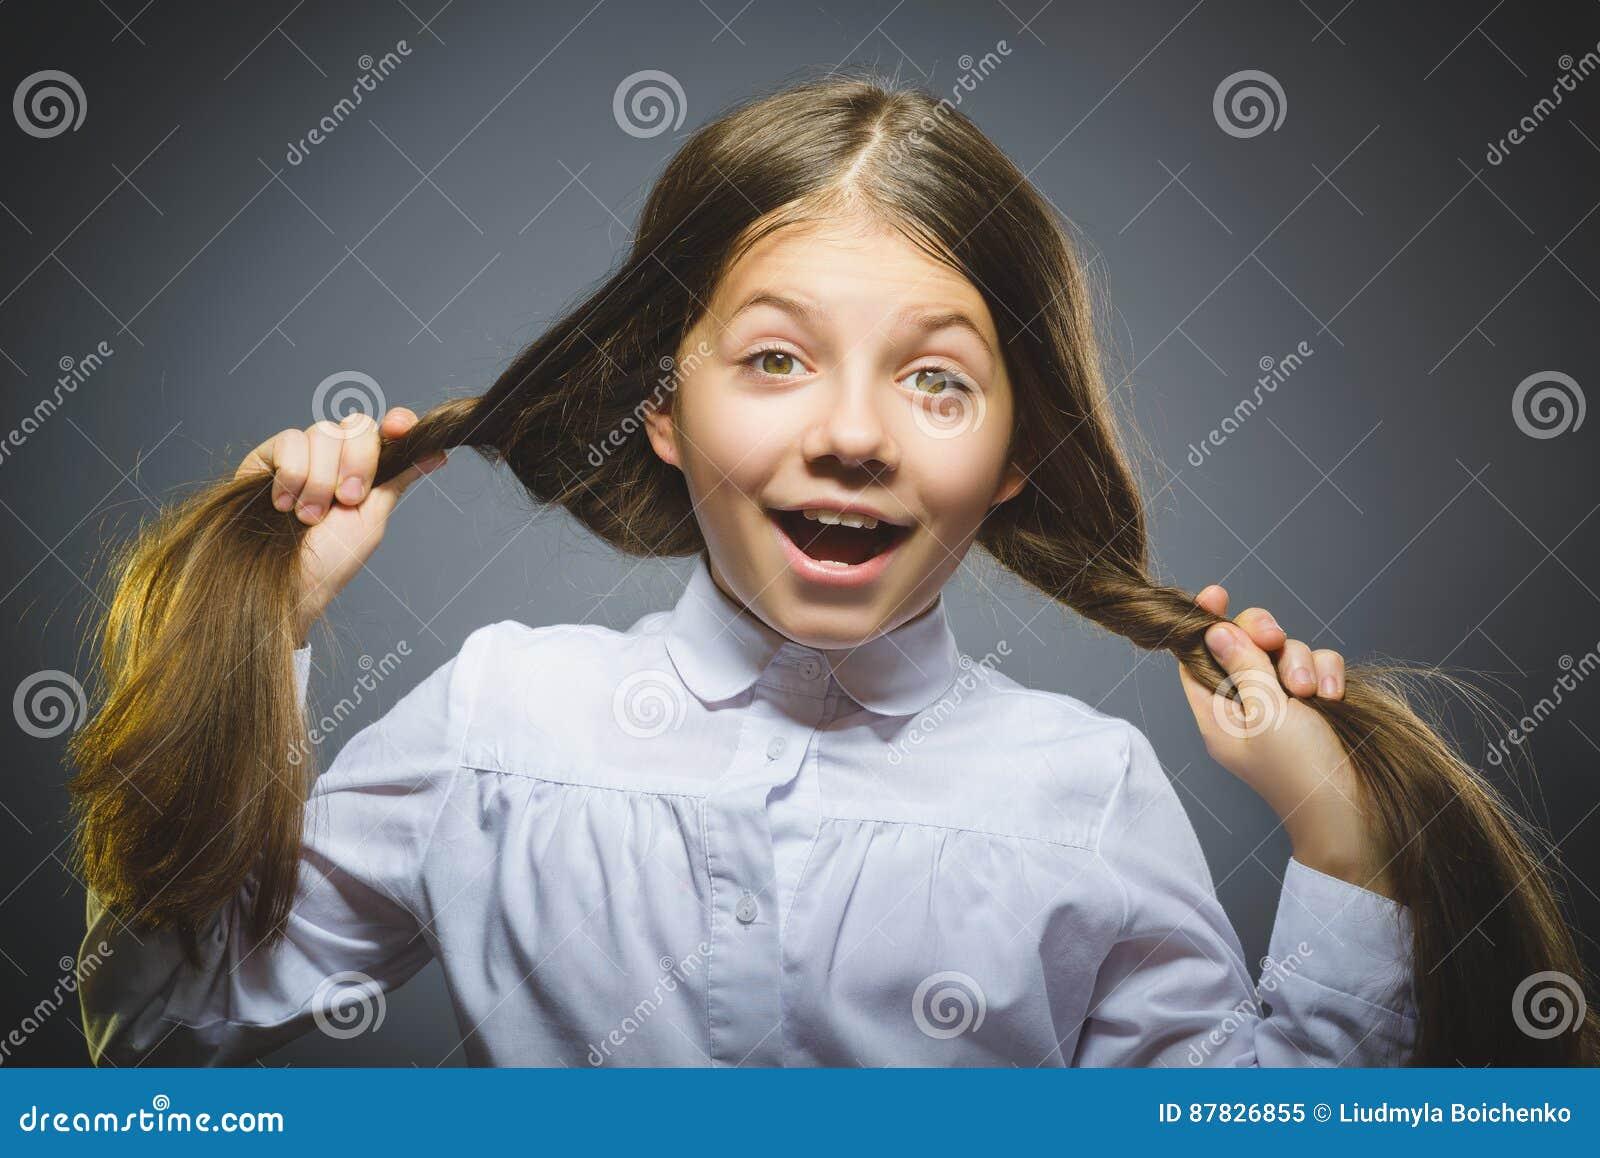 卖弄风情的女孩 在灰色隔绝的特写镜头画象英俊青少年微笑